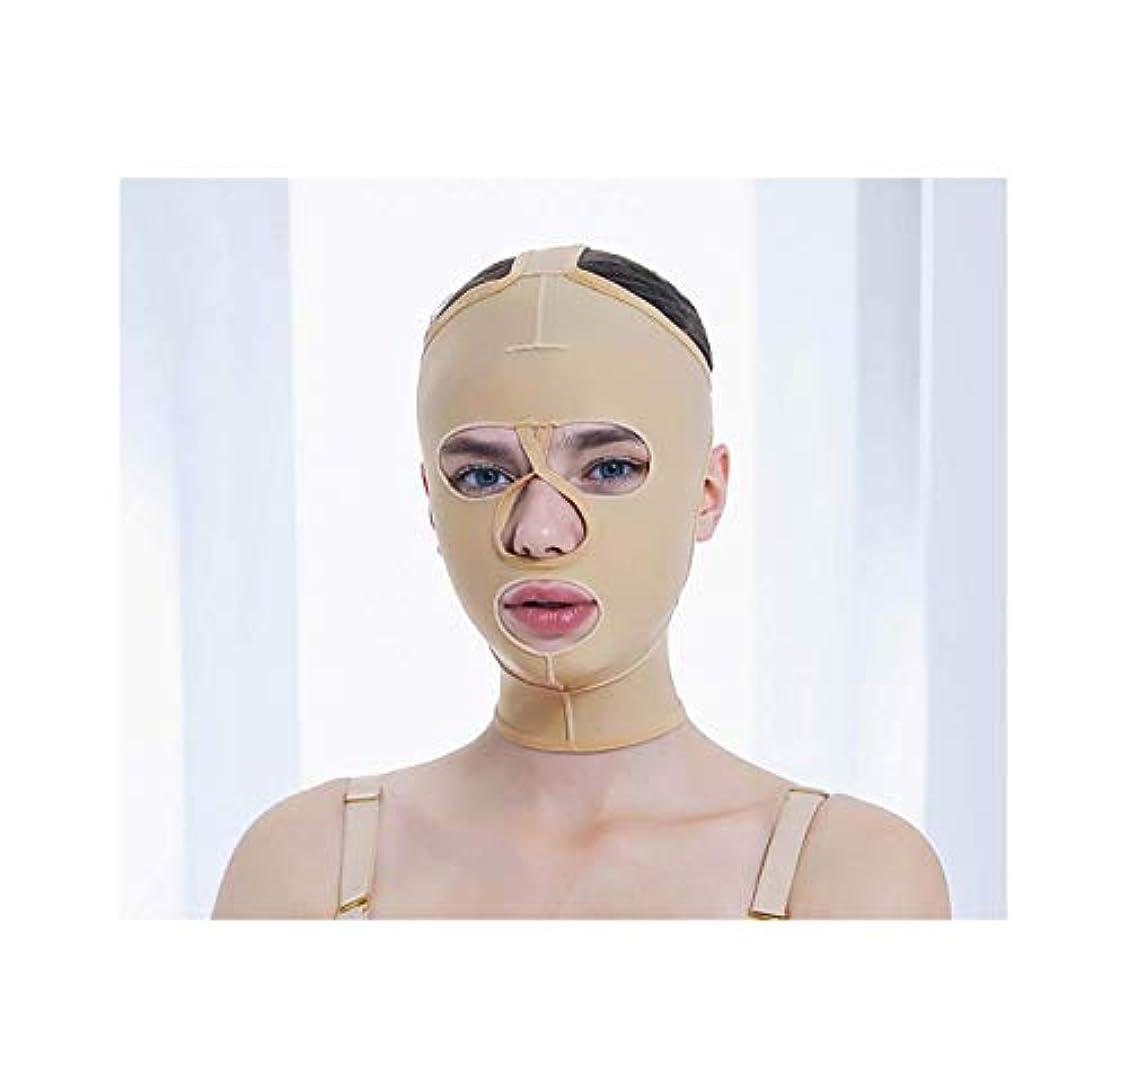 爵半島爵フェイス&ネックリフト、減量フェイスマスク脂肪吸引術脂肪吸引整形マスクフードフェイスリフティングアーティファクトVフェイスビームフェイス弾性スリーブ(サイズ:XS),XS